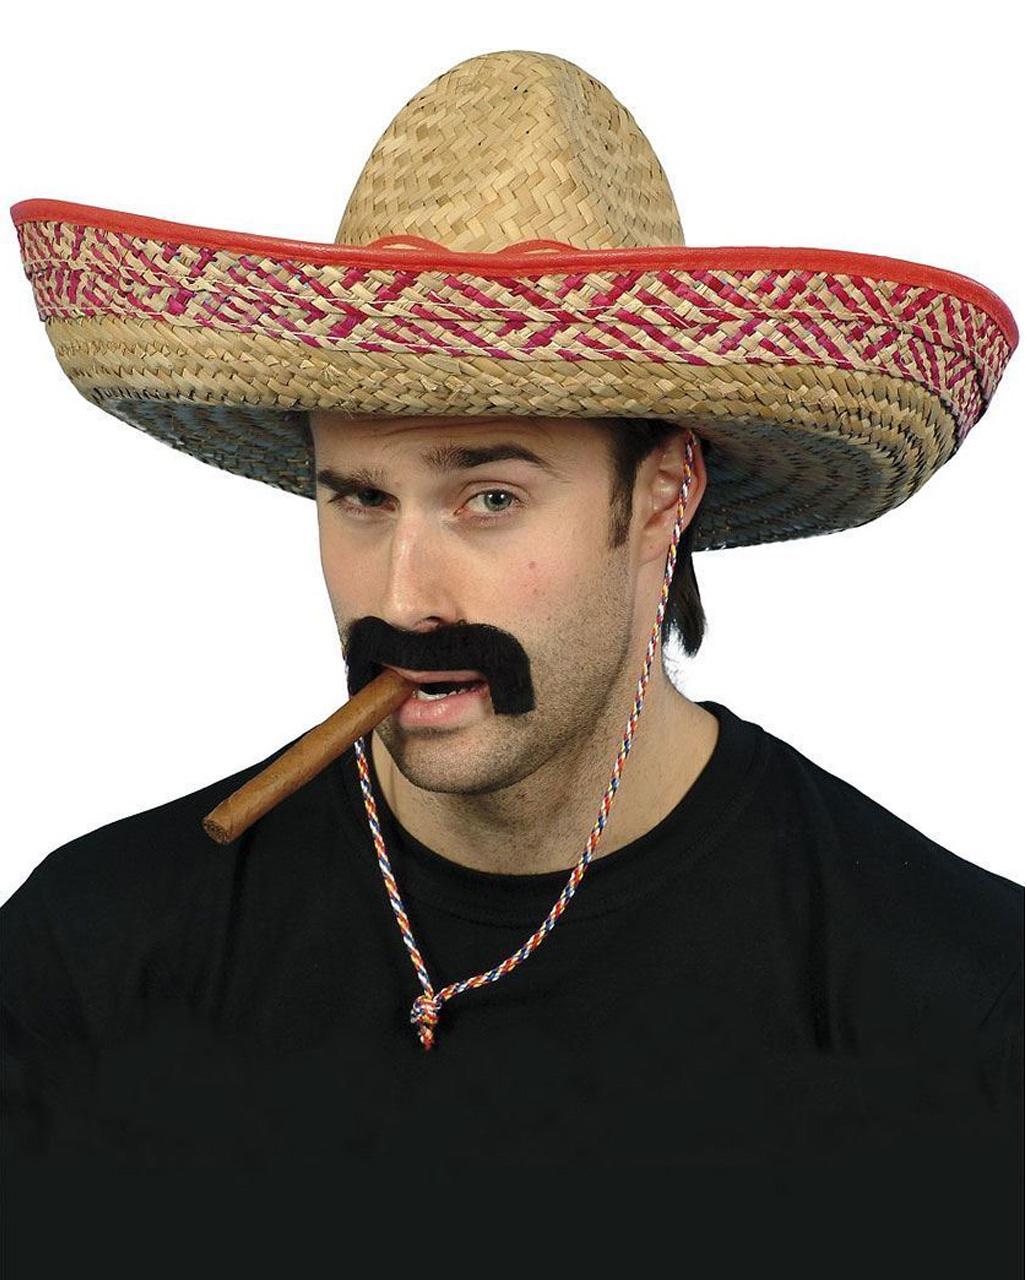 Mexican Sombrero Mexican Sombrero 6fba4b37cf0a